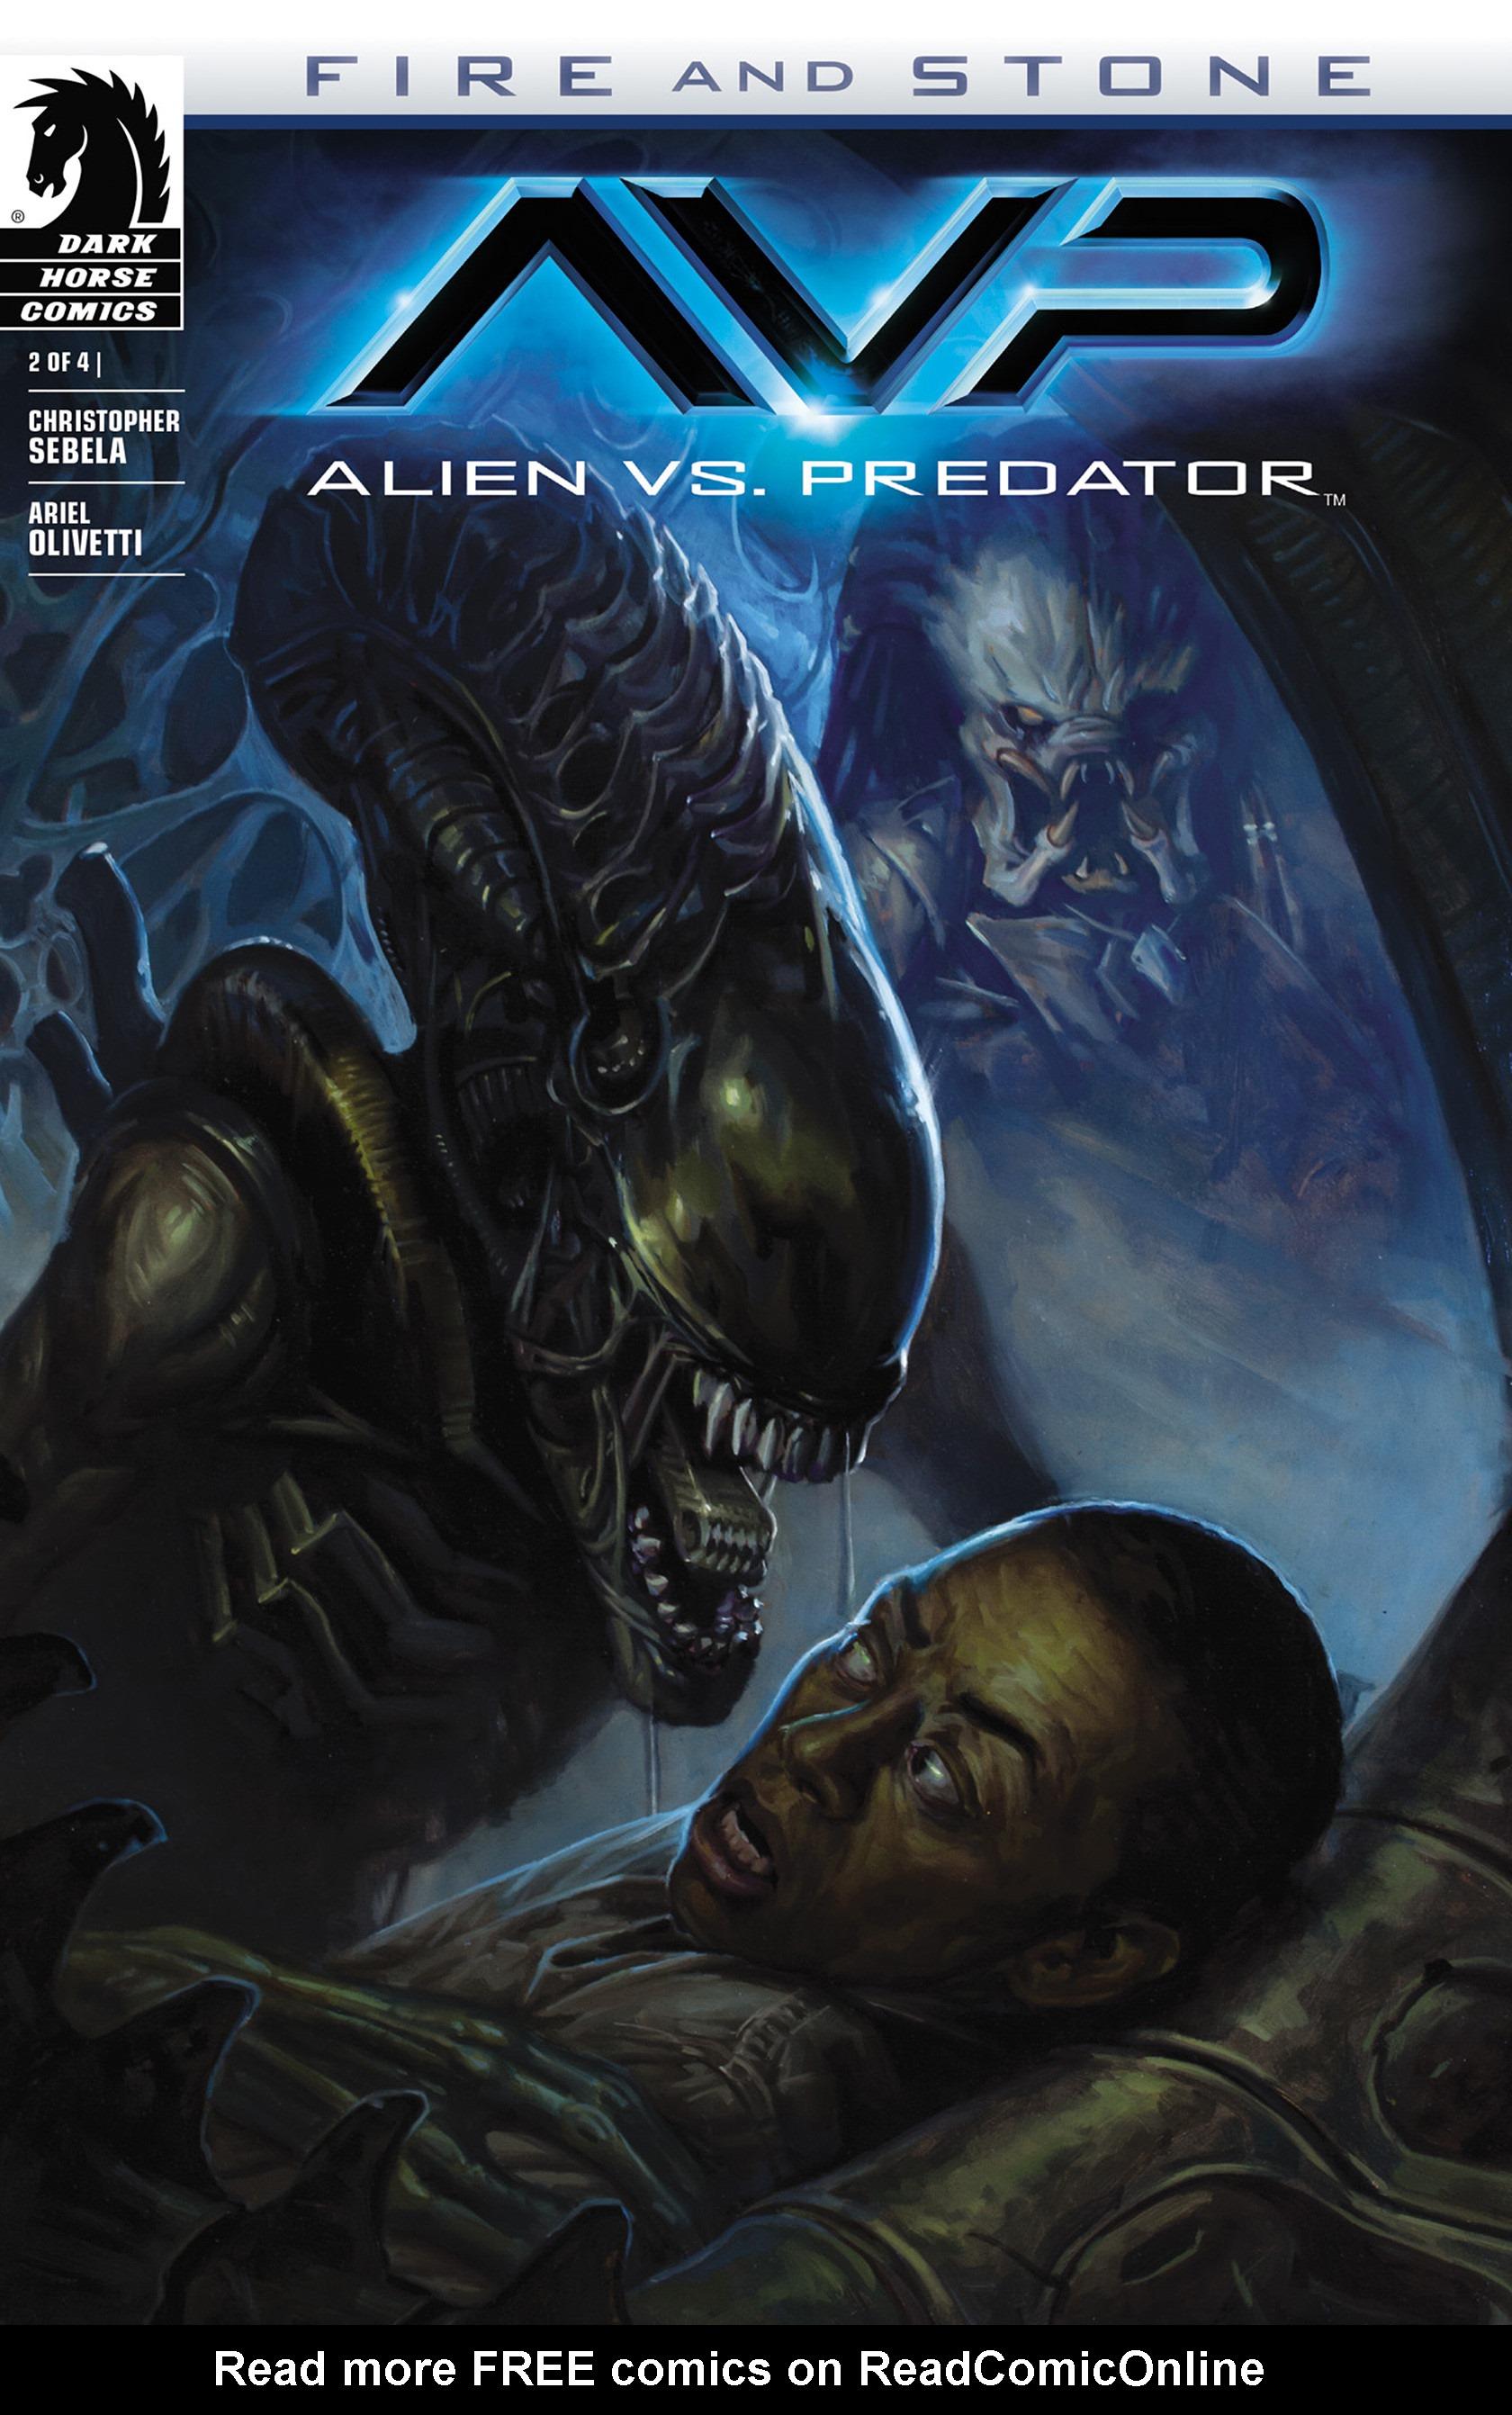 Read online Alien vs. Predator: Fire and Stone comic -  Issue #2 - 1